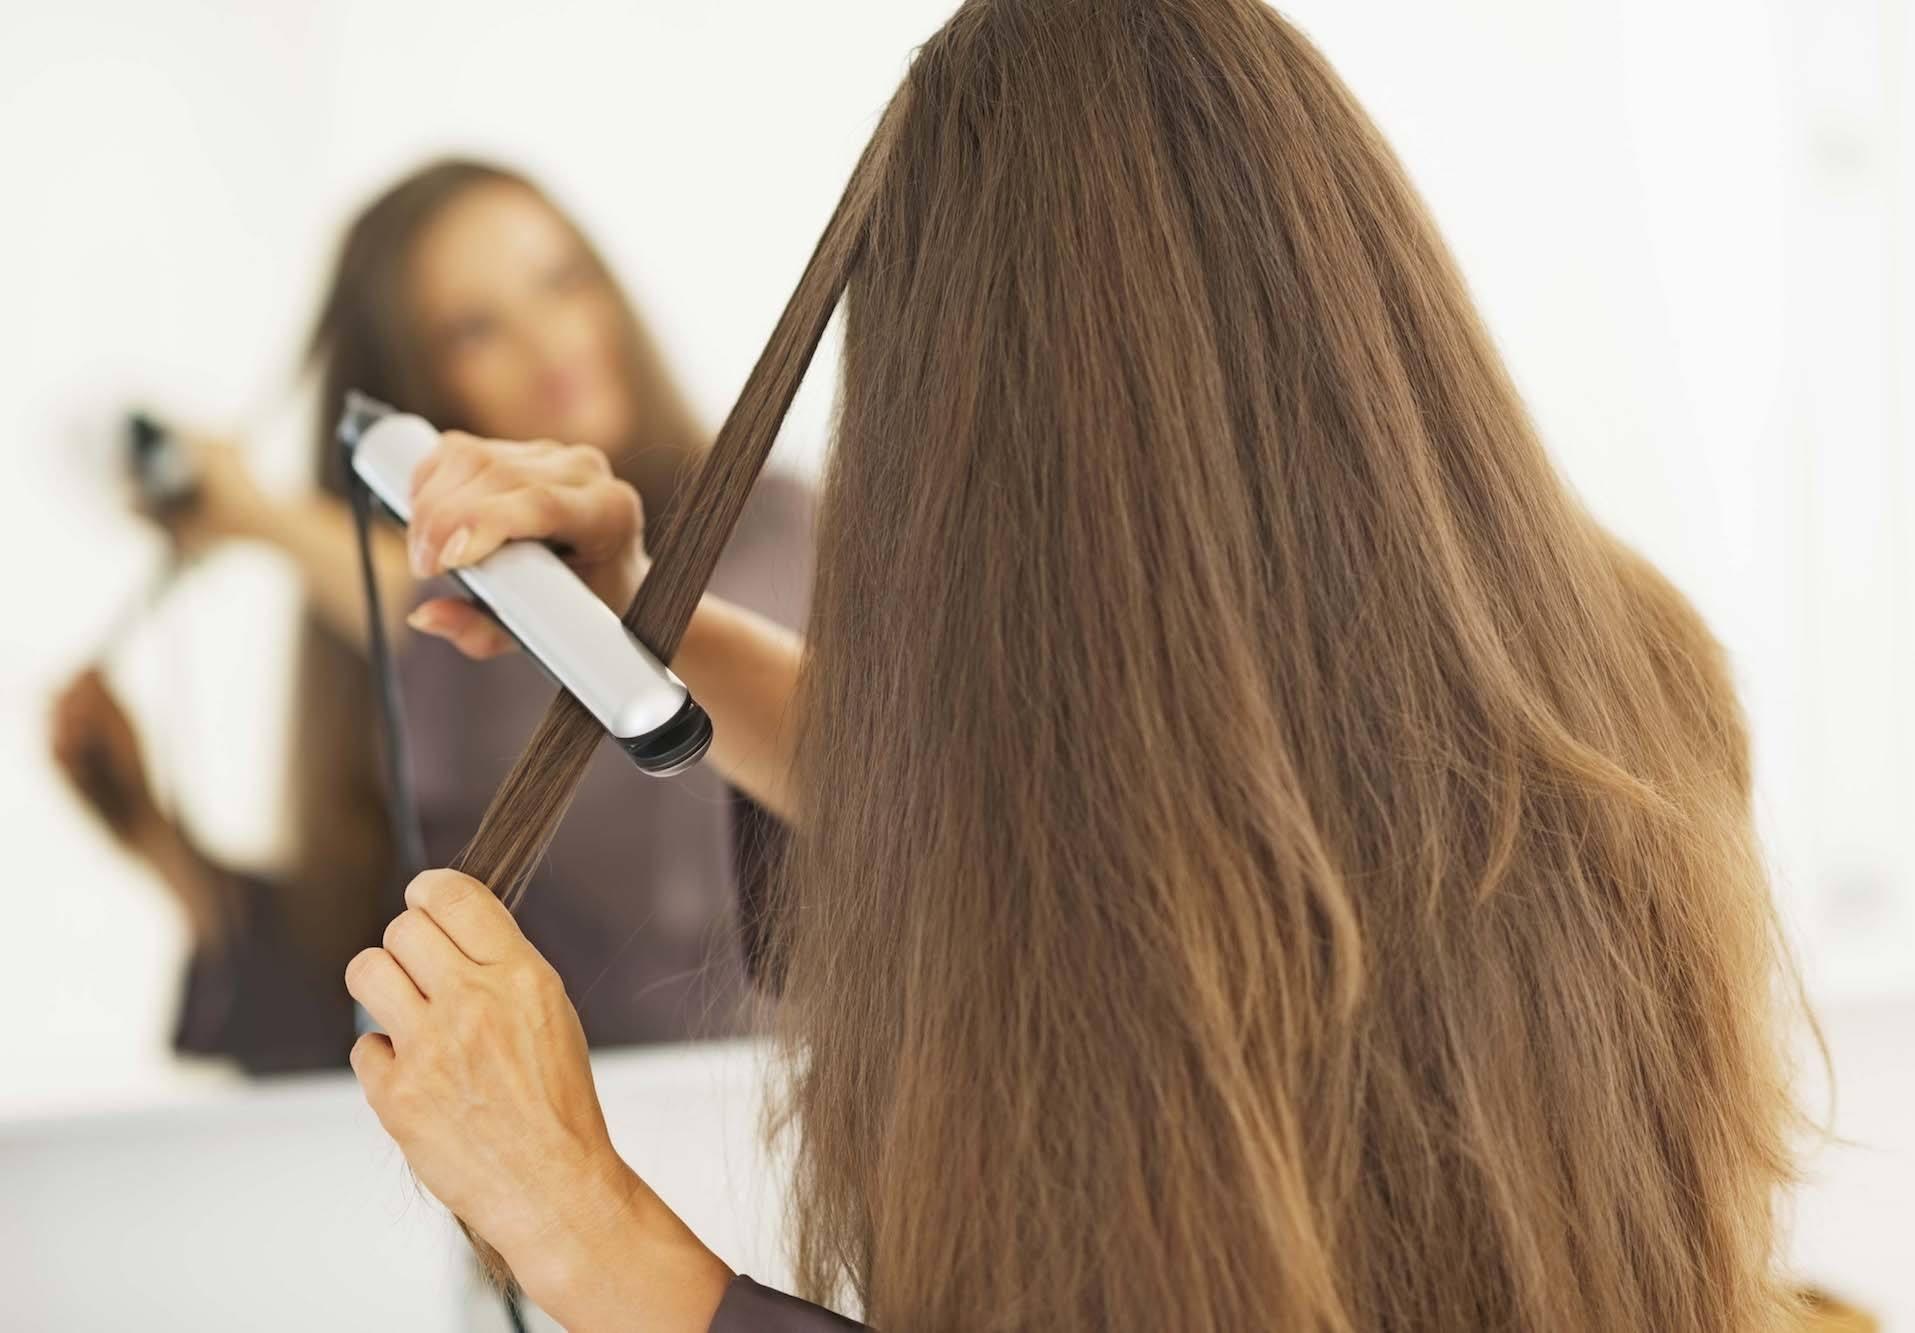 Seorang wanita mencatok rambutnya warna cokelat